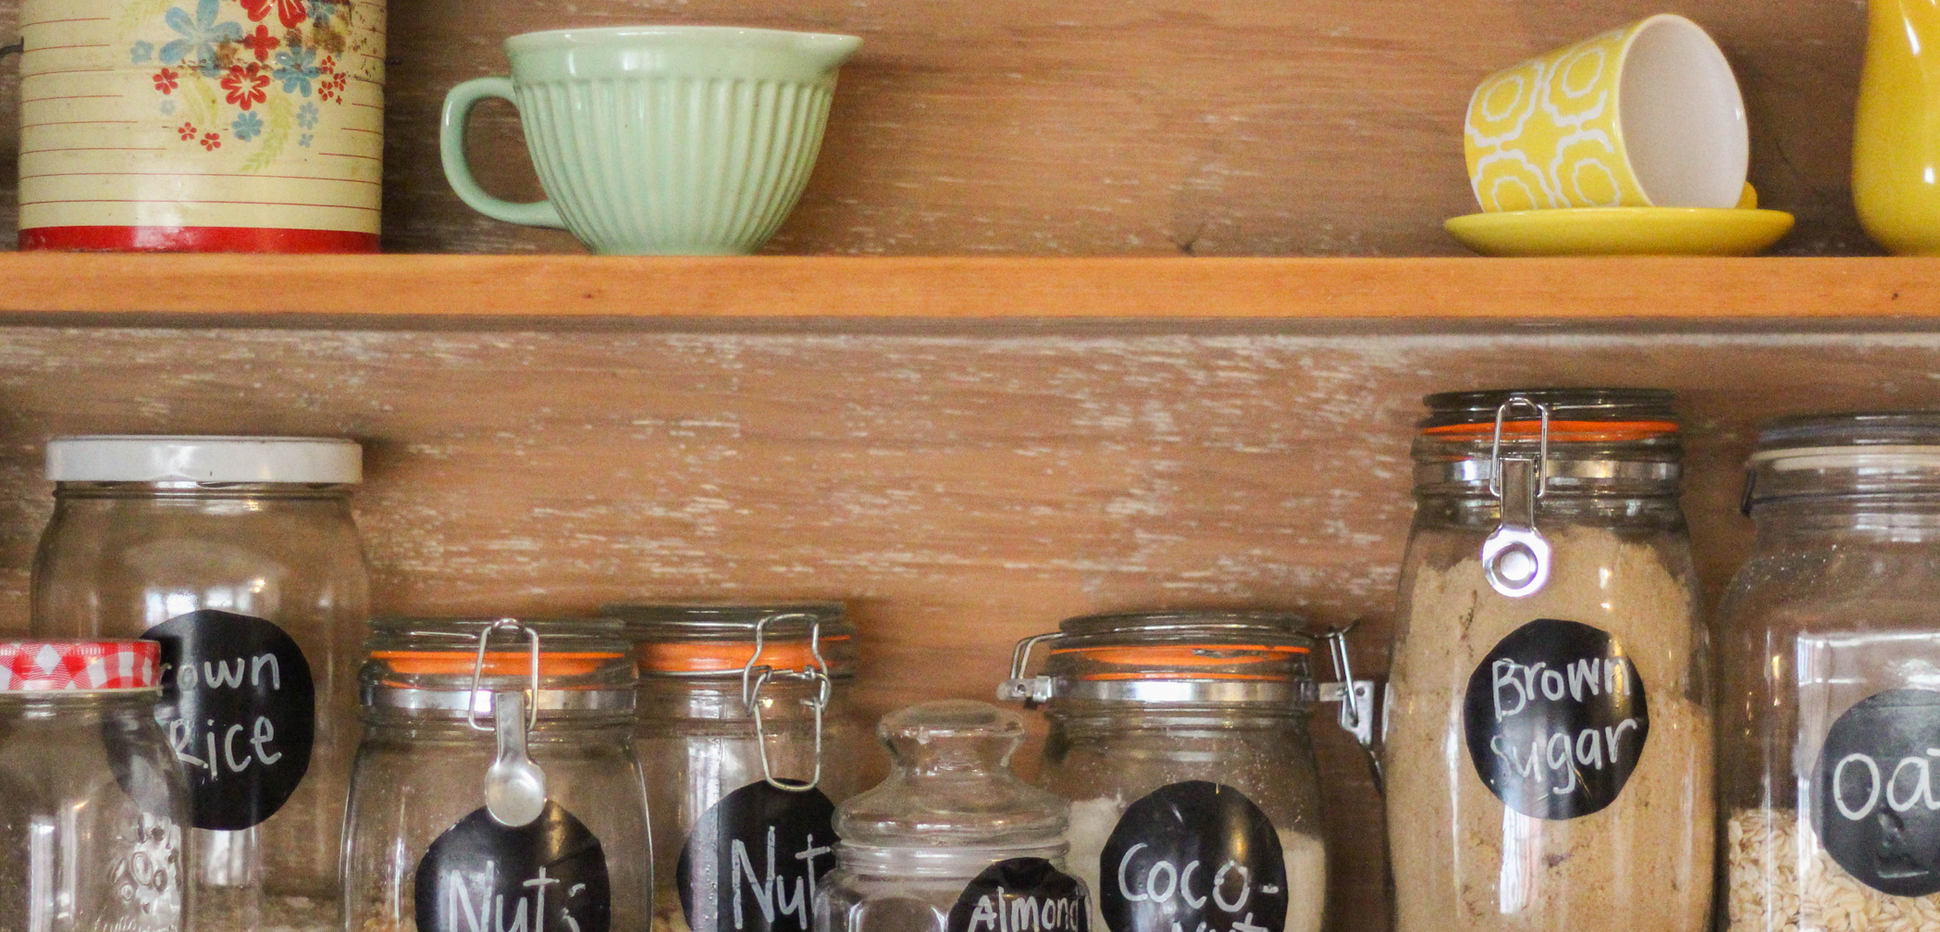 Küche einräumen → Lesen Sie 17 Tipps für Ordnung im Schrank, Regal